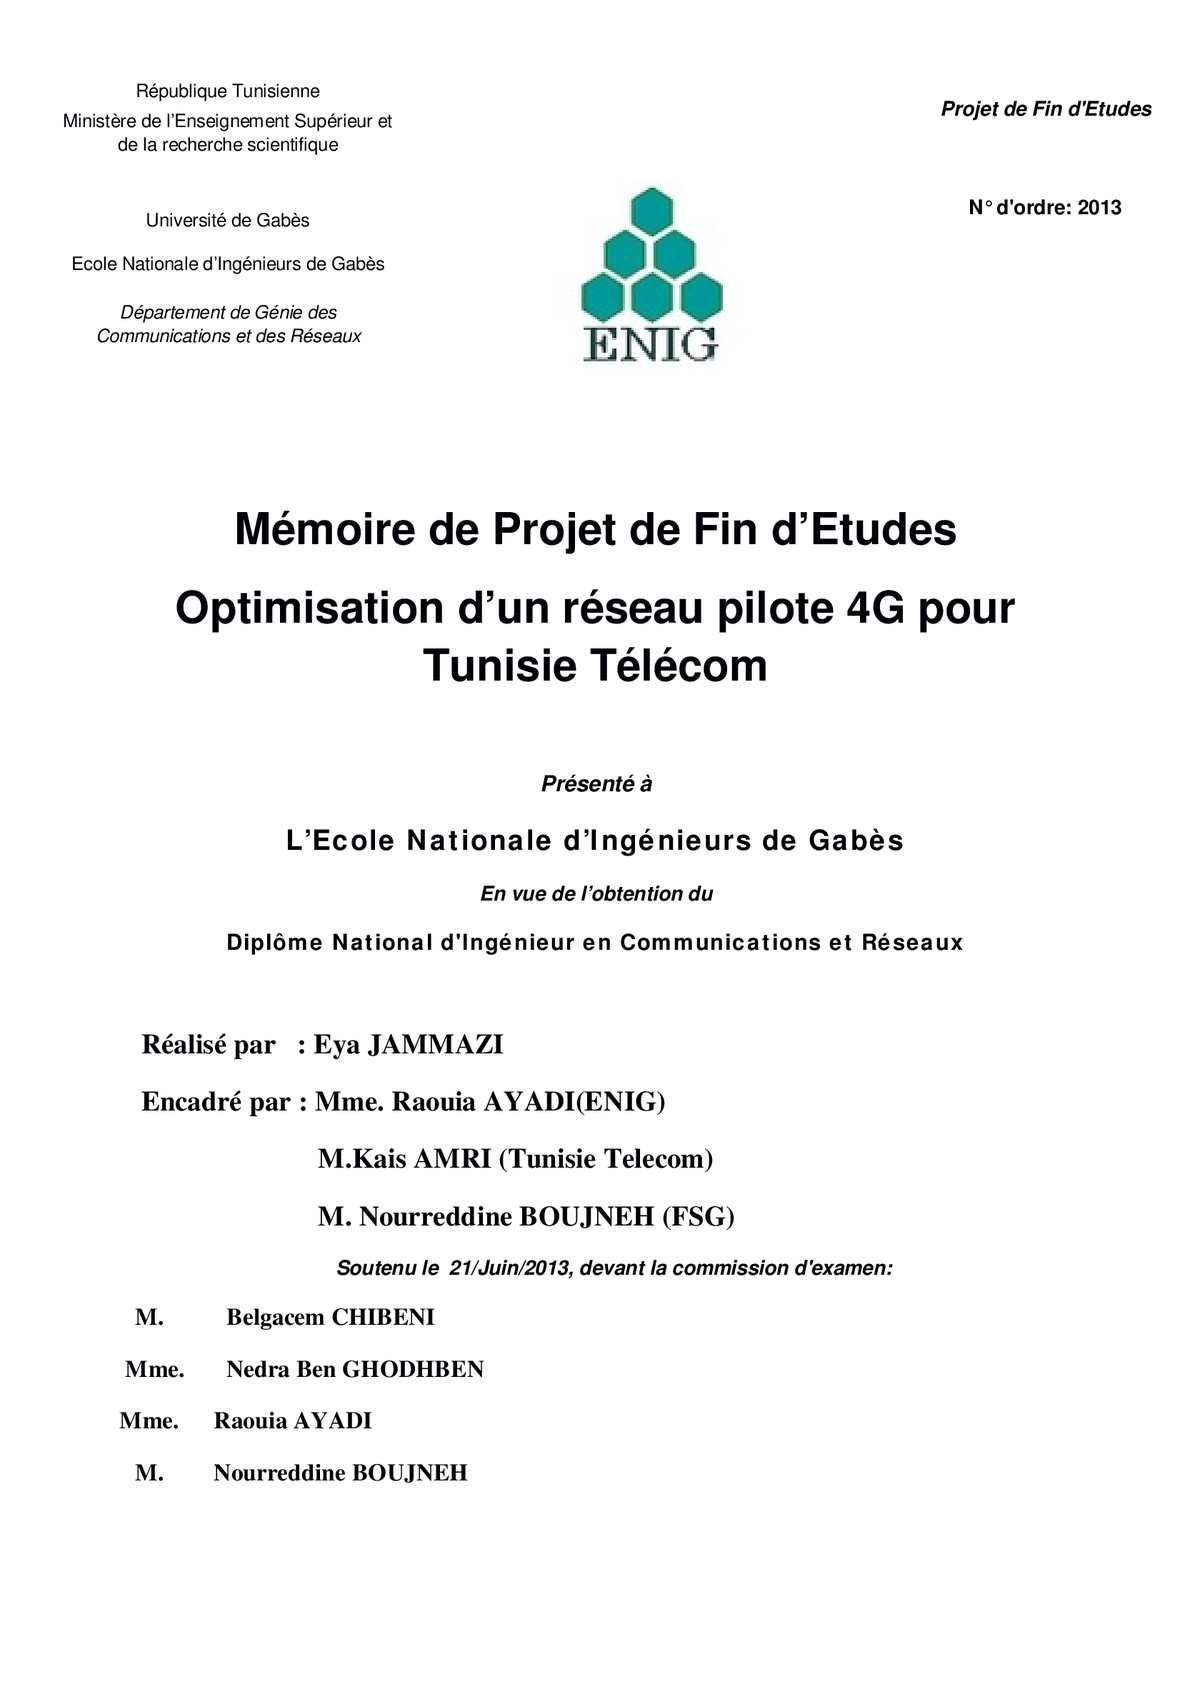 Dimensionnement et Planification d'un reseau-4G LTE